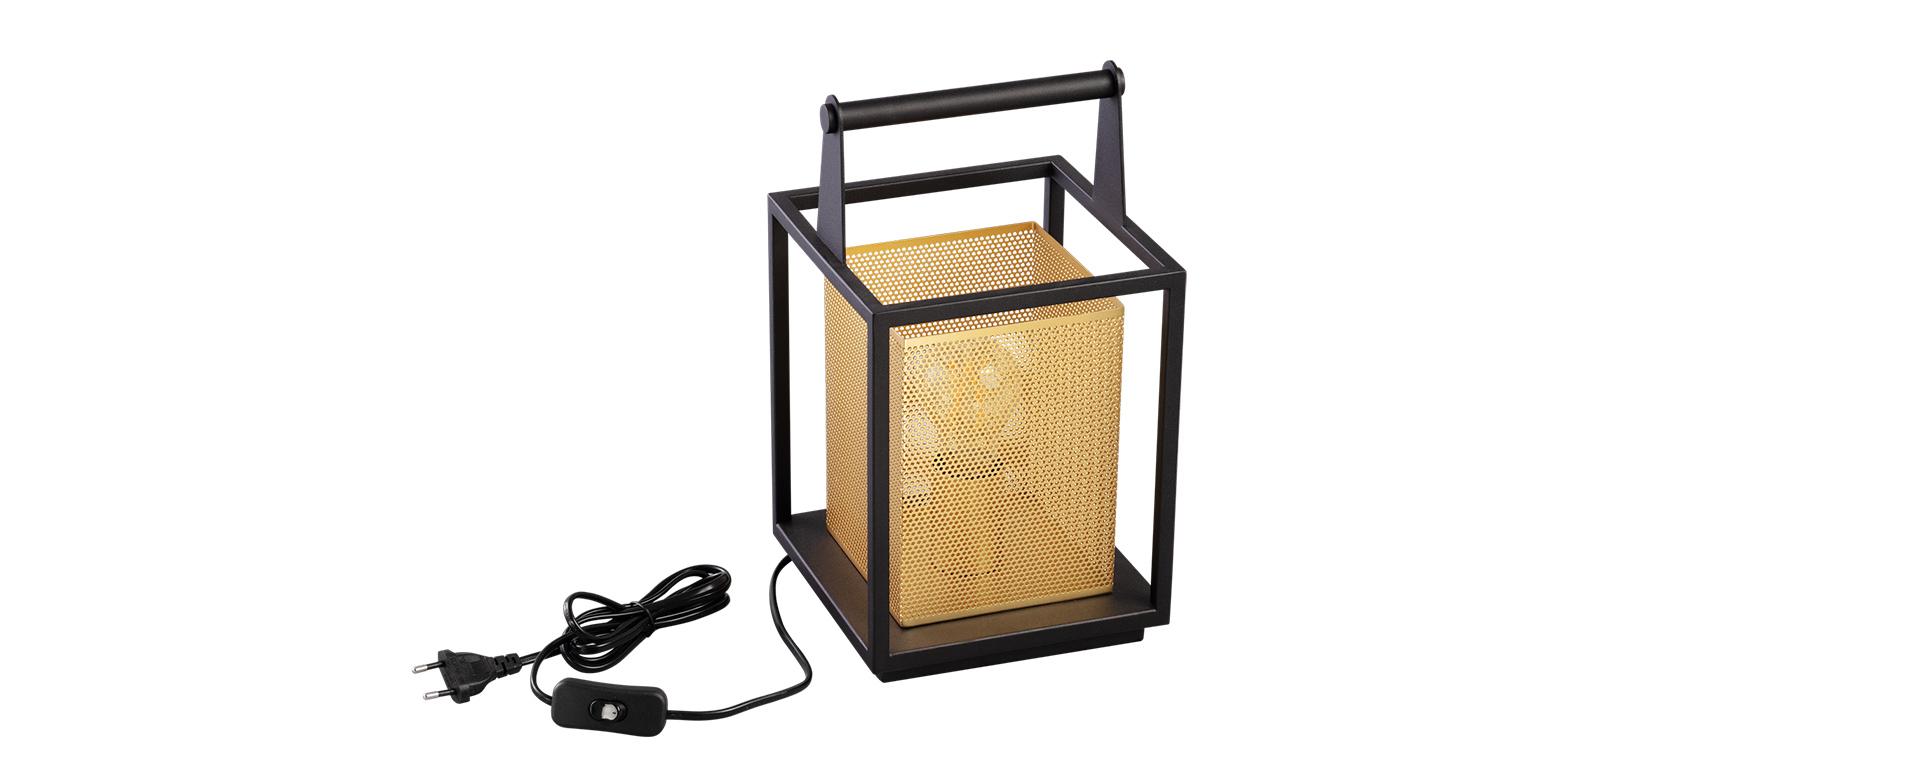 Abajur com Alça Linha Grifty Preto e Dourado Bivolt 1x E-27 SD6390 328mm x 180mm - Stella Iluminação